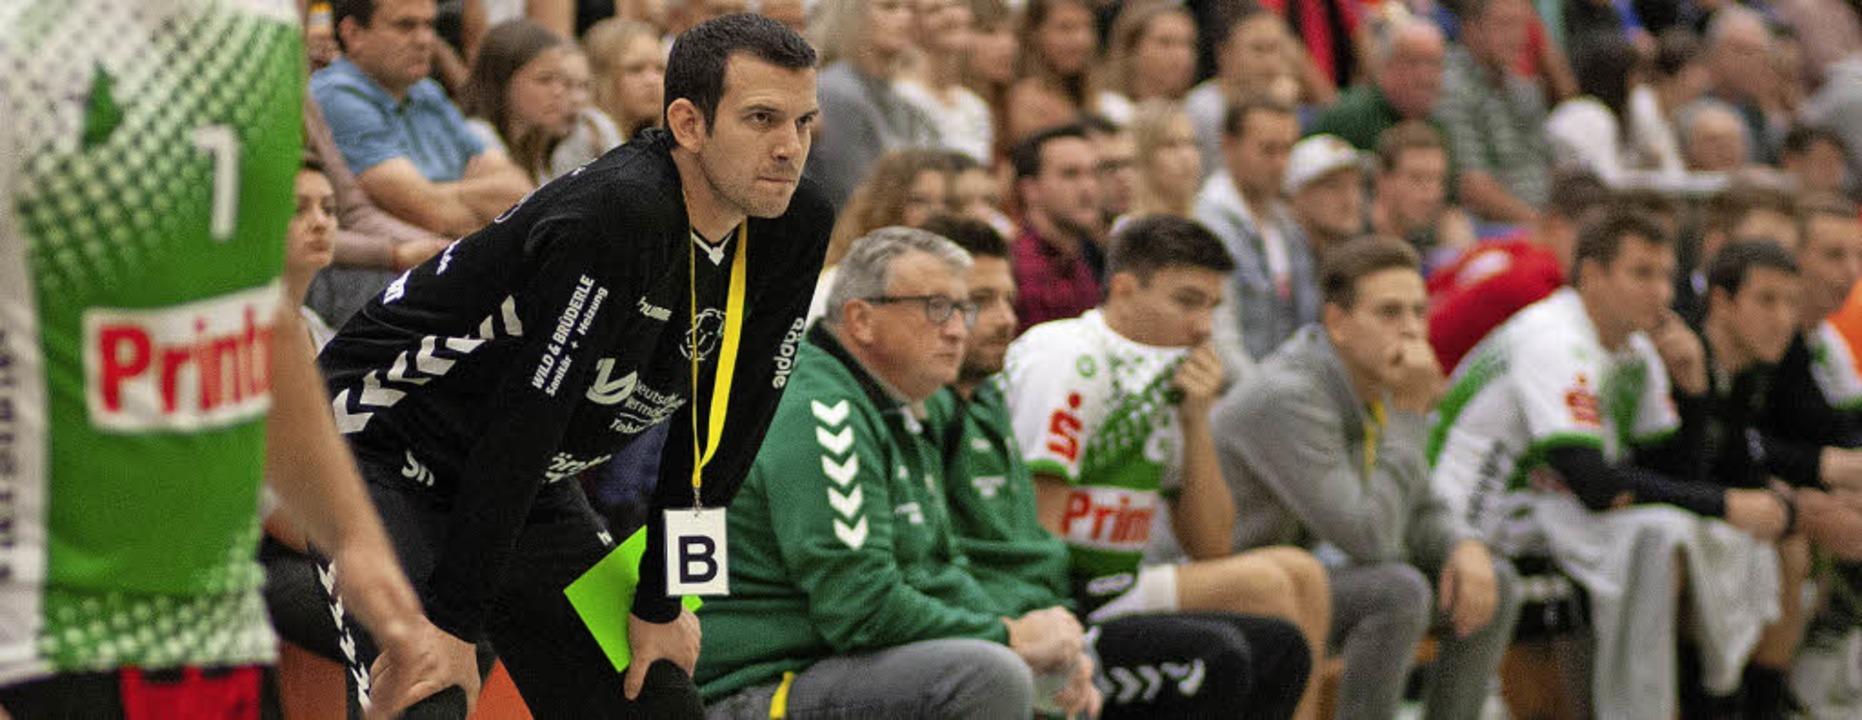 Elgersweiers Trainer Simon Herrmann sa...lspiel – von seiner Mannschaft.   | Foto: Alexandra Buss